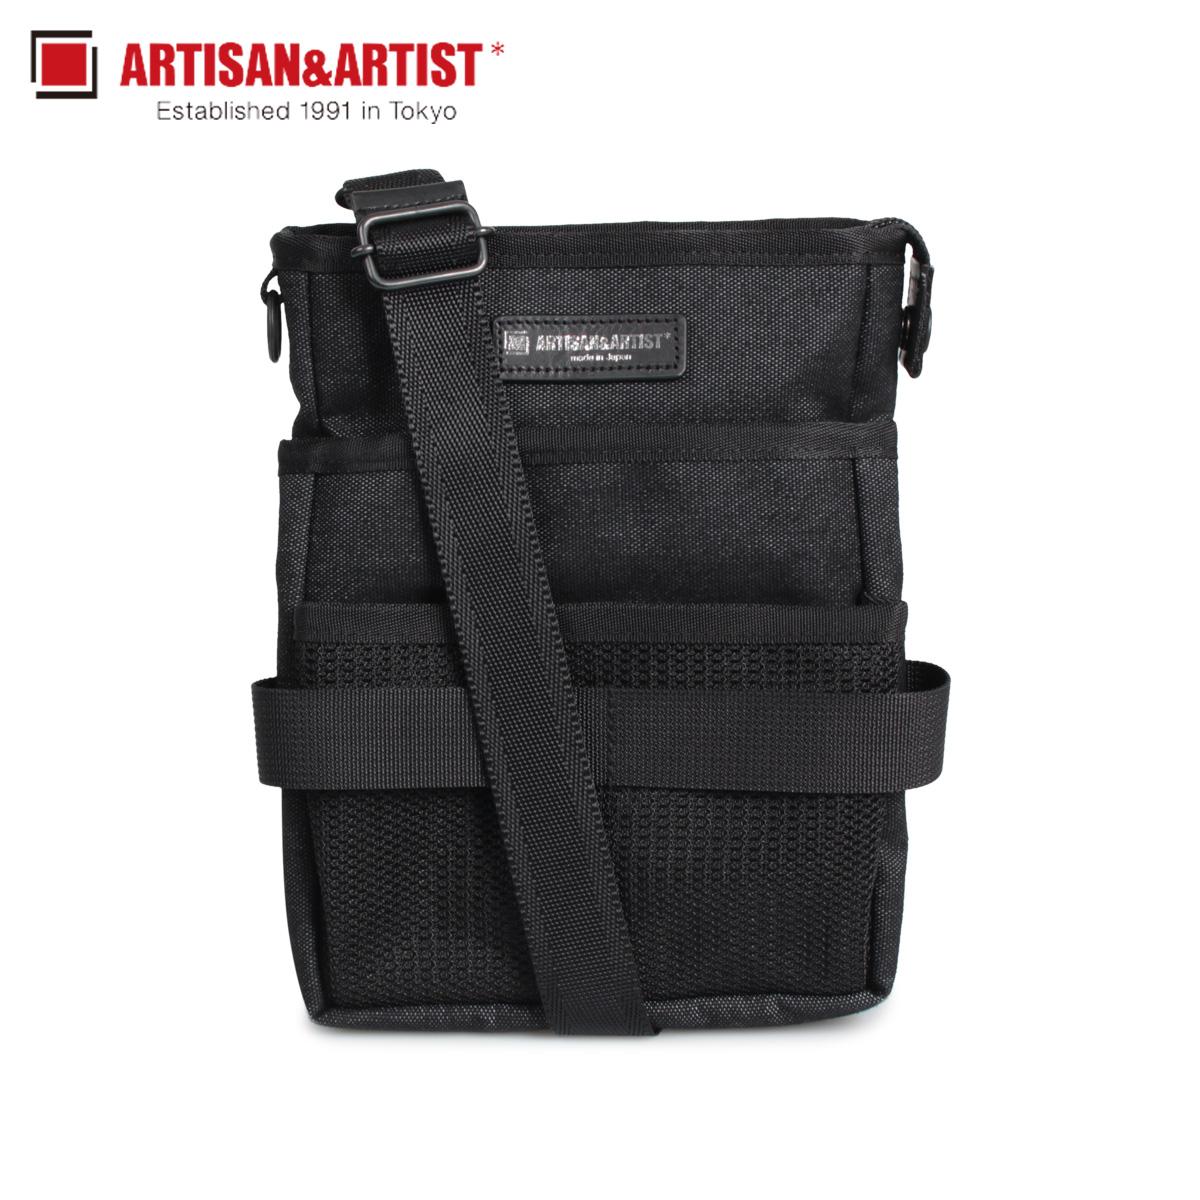 アルティザン&アーティスト ARTISAN&ARTIST バッグ ウエストバッグ ショルダーバッグ レディース メンズ 2WAY MAKEUP WAIST BAG ブラック 黒 7WM-PF312